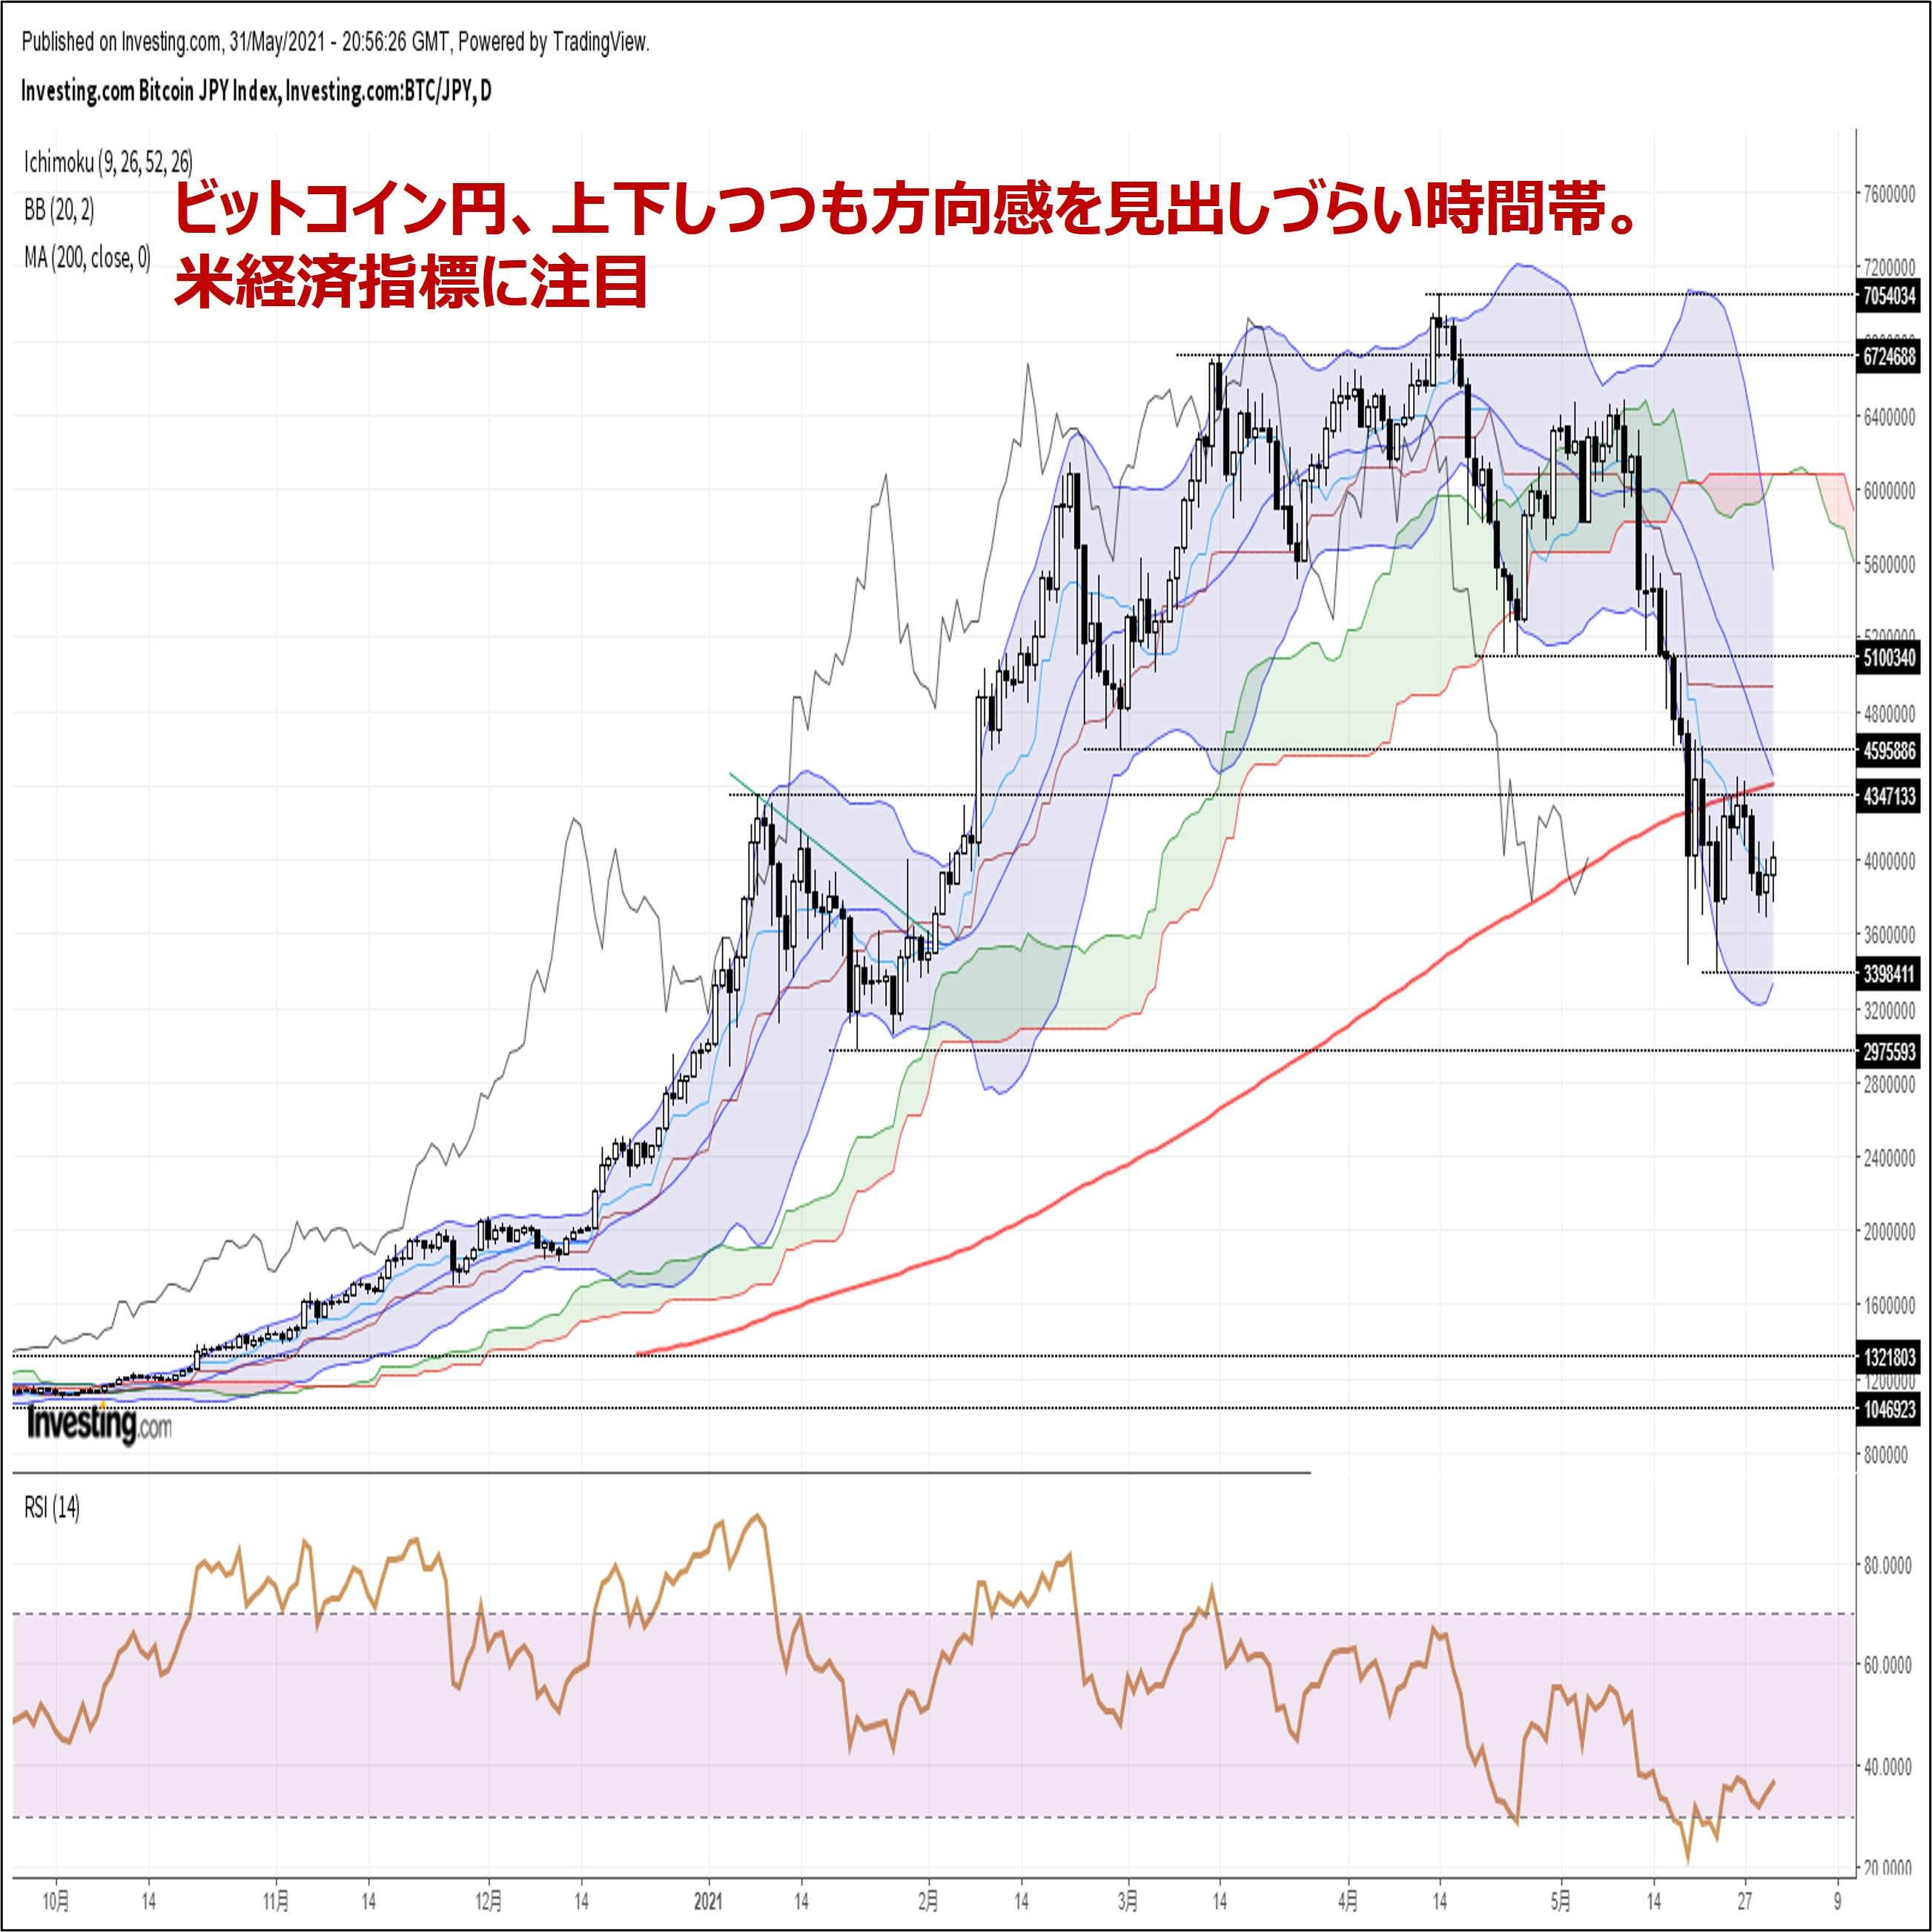 ビットコイン円、上下しつつも方向感を見出しづらい時間帯。米経済指標に注目(6/1朝)